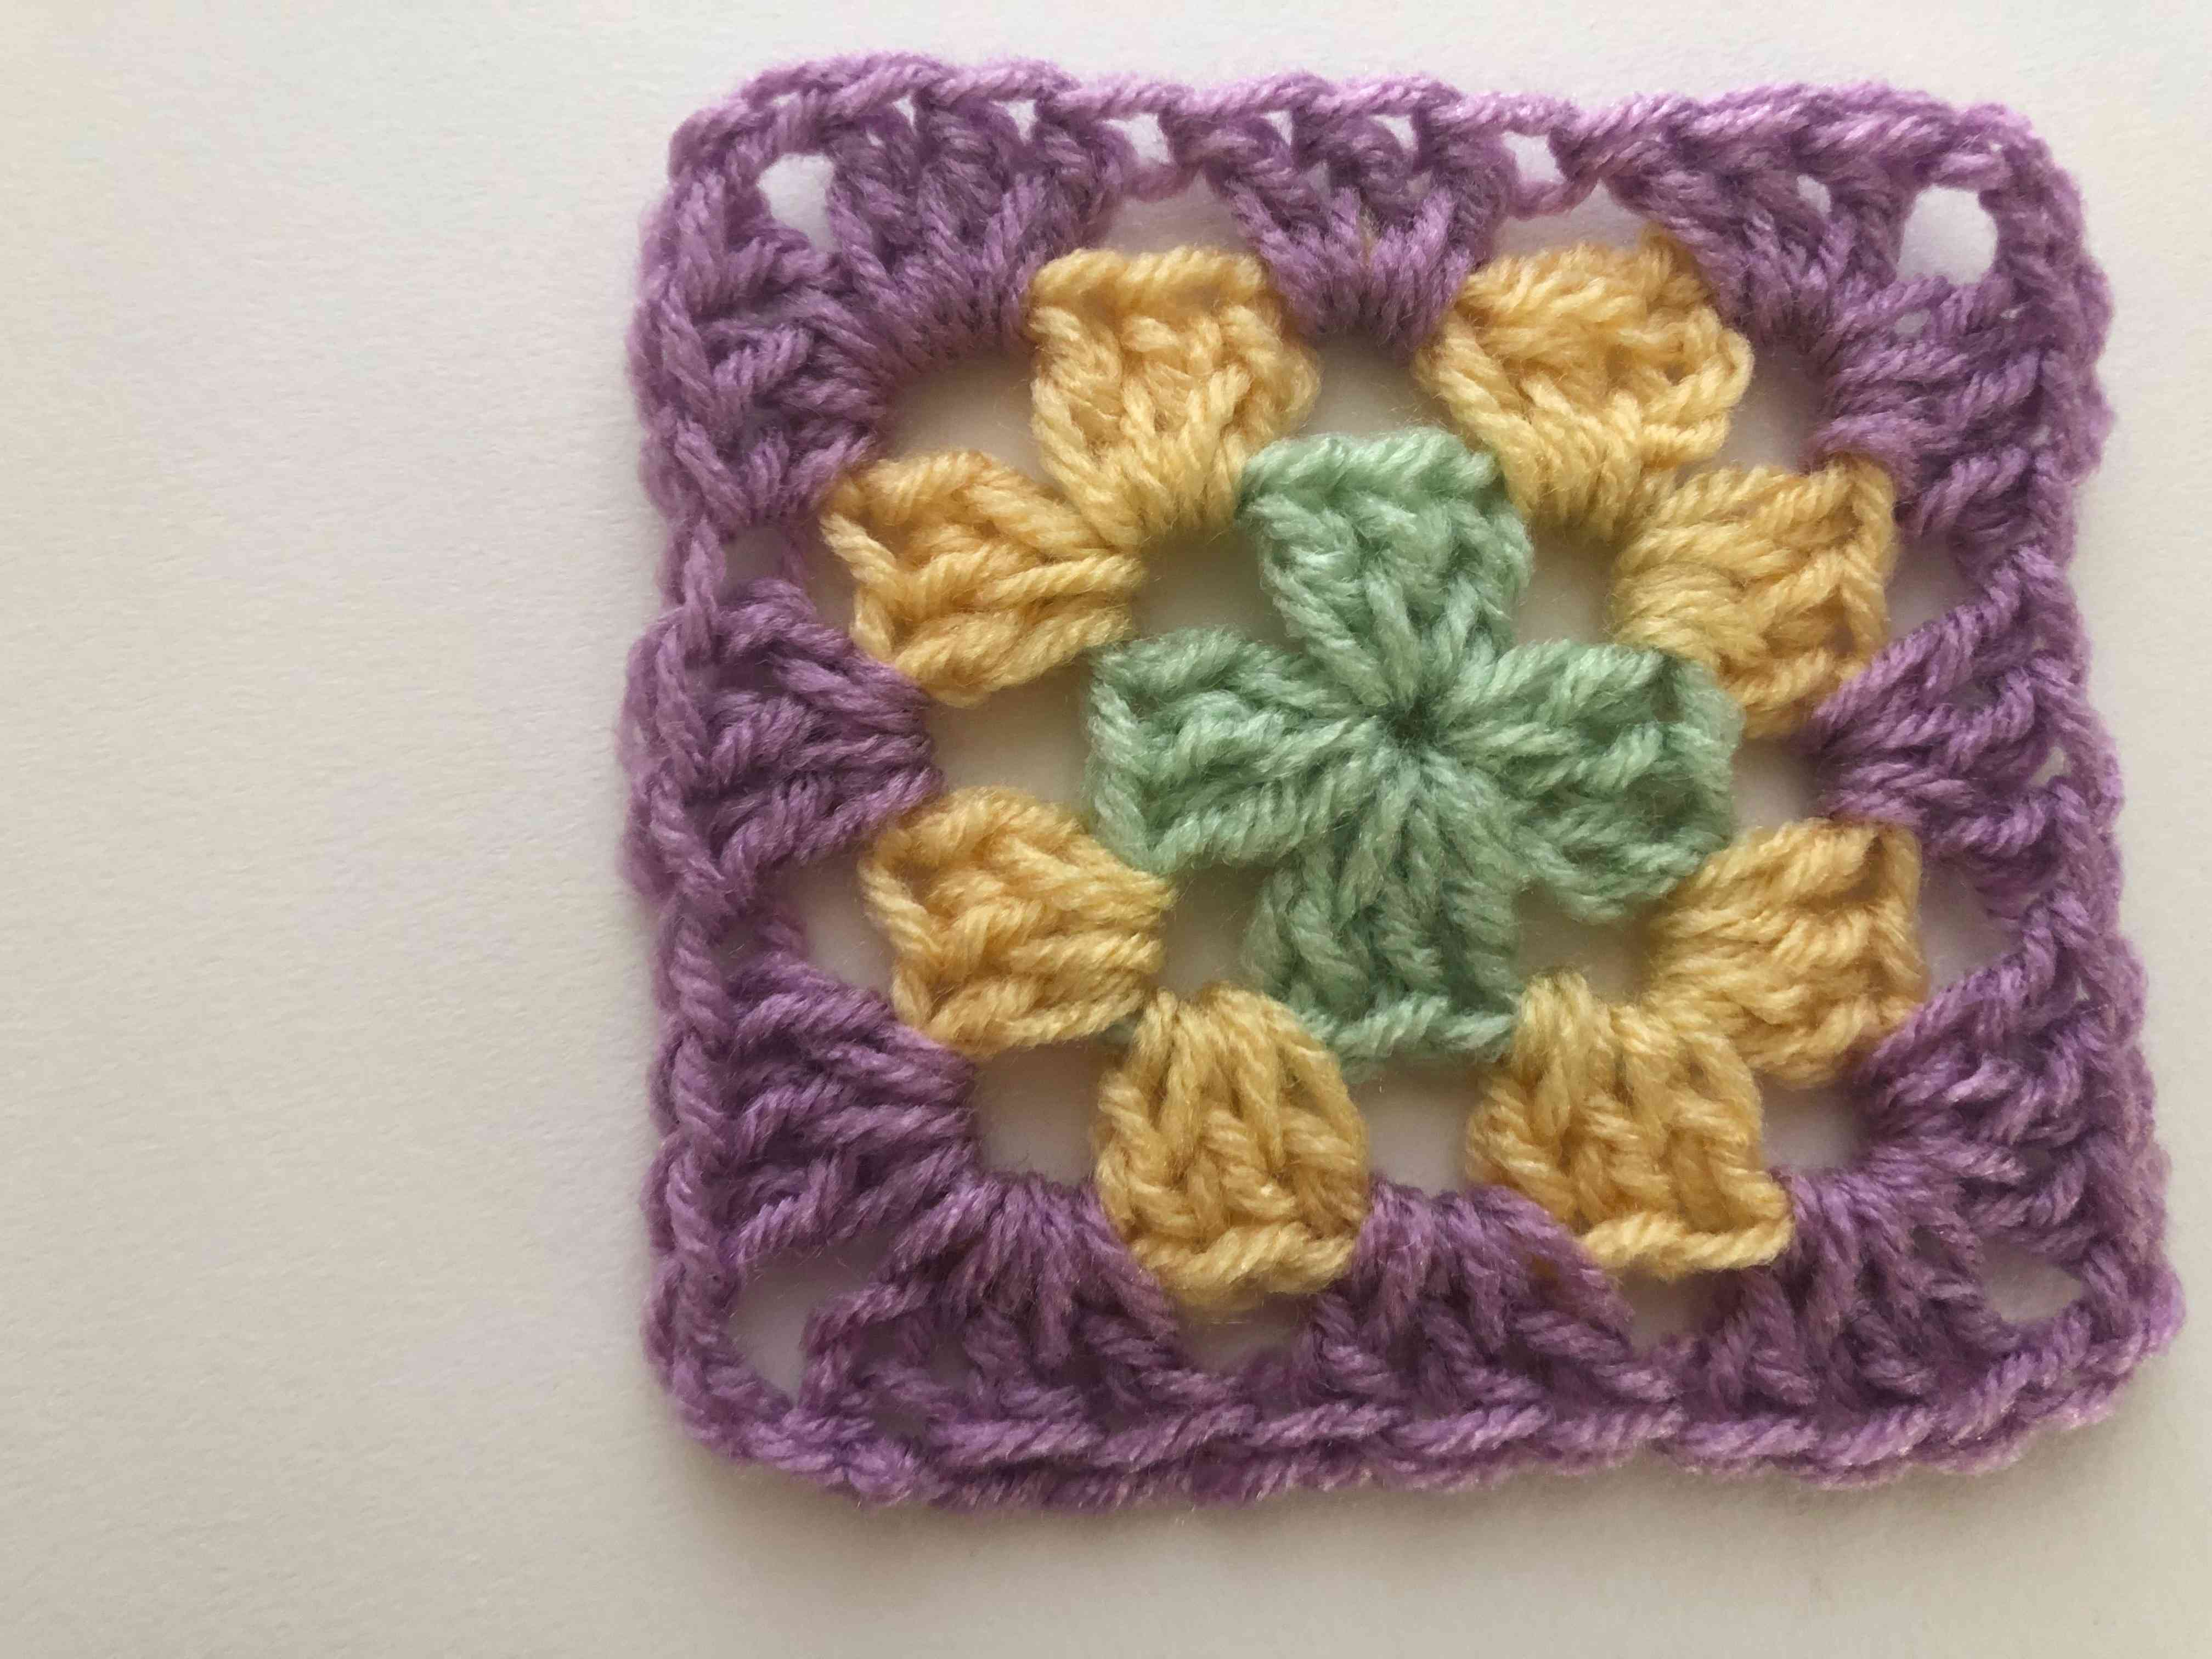 3 round crochet granny square